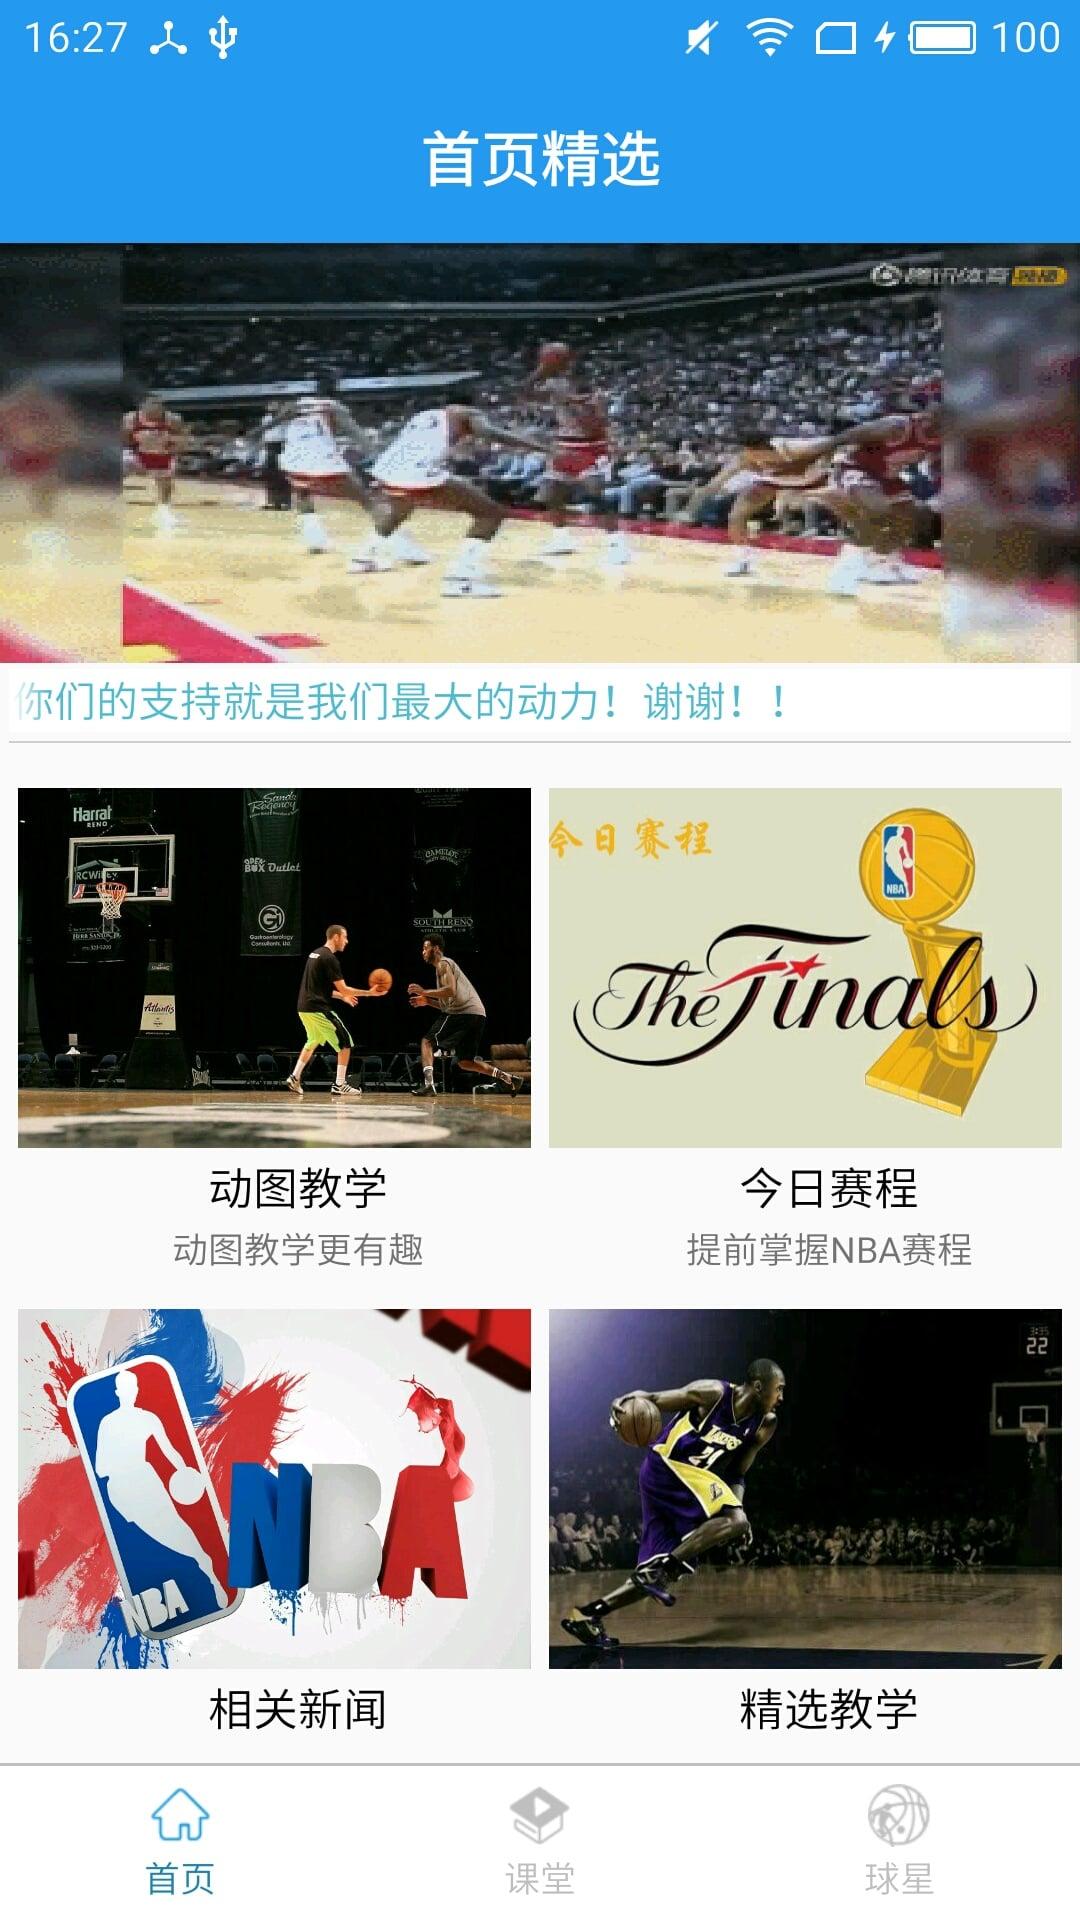 篮球教学大师 V3.6 安卓版截图1